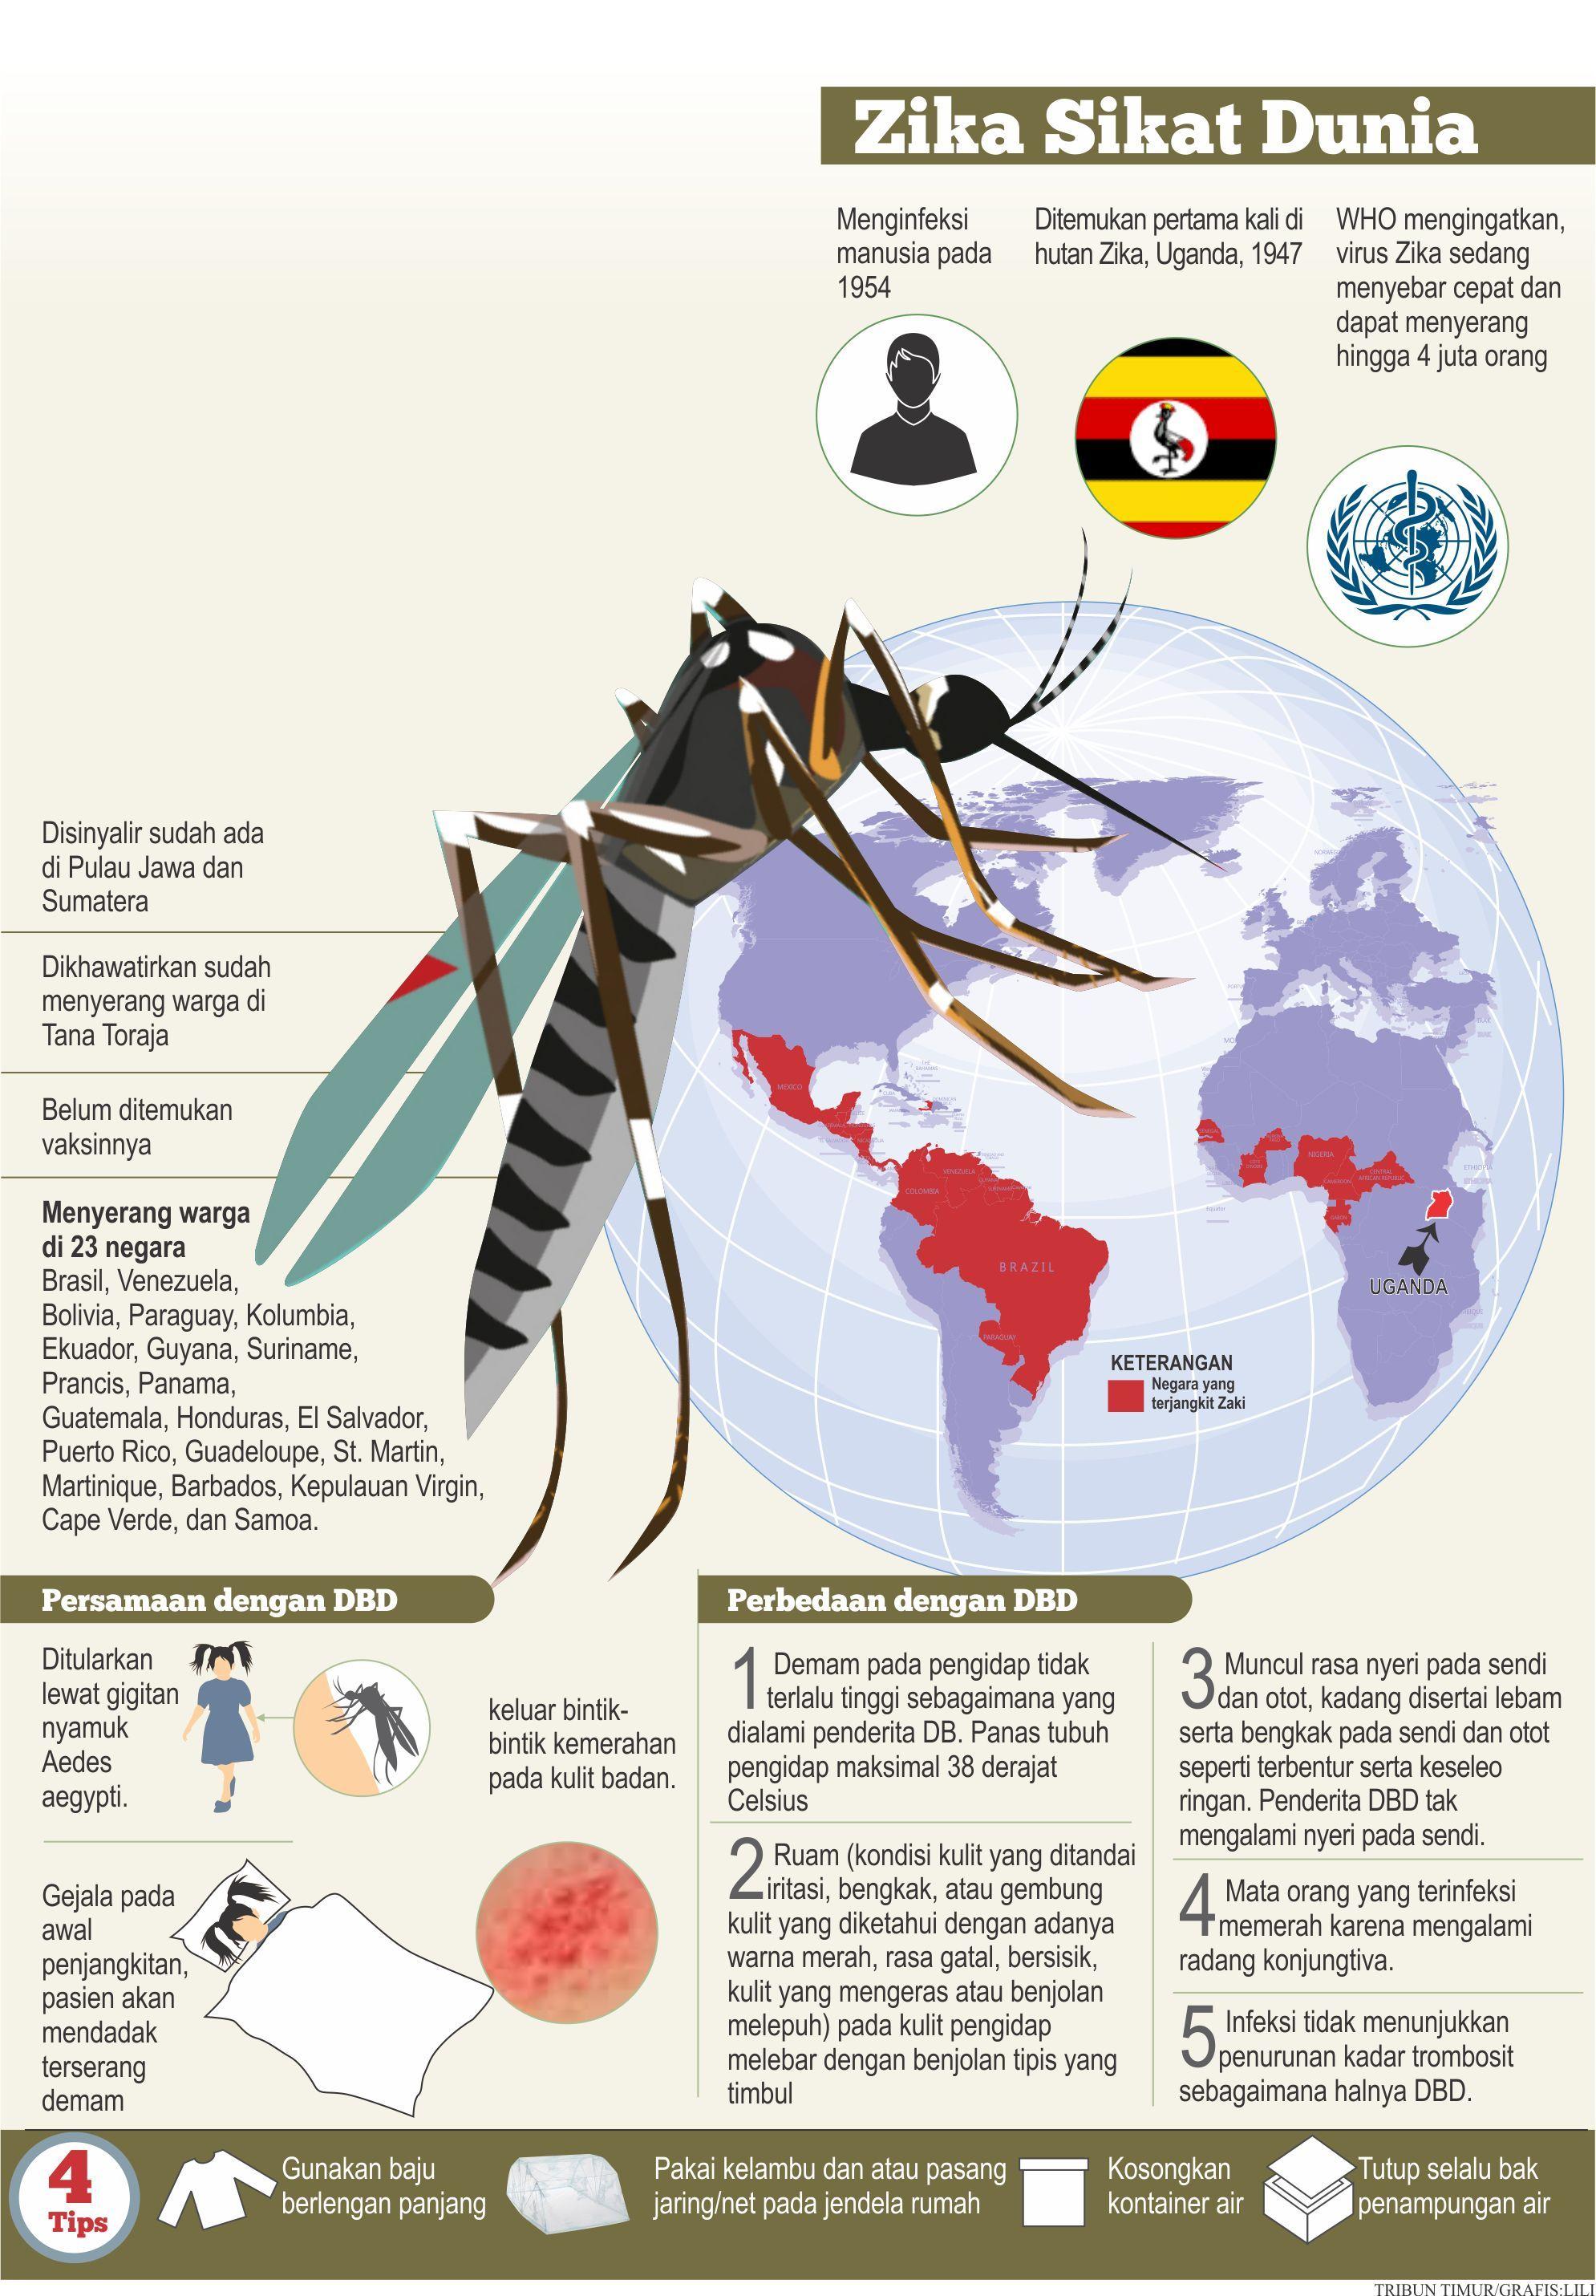 Wabah virus zika melanda dunia infograpis pinterest wabah virus zika melanda dunia ccuart Image collections